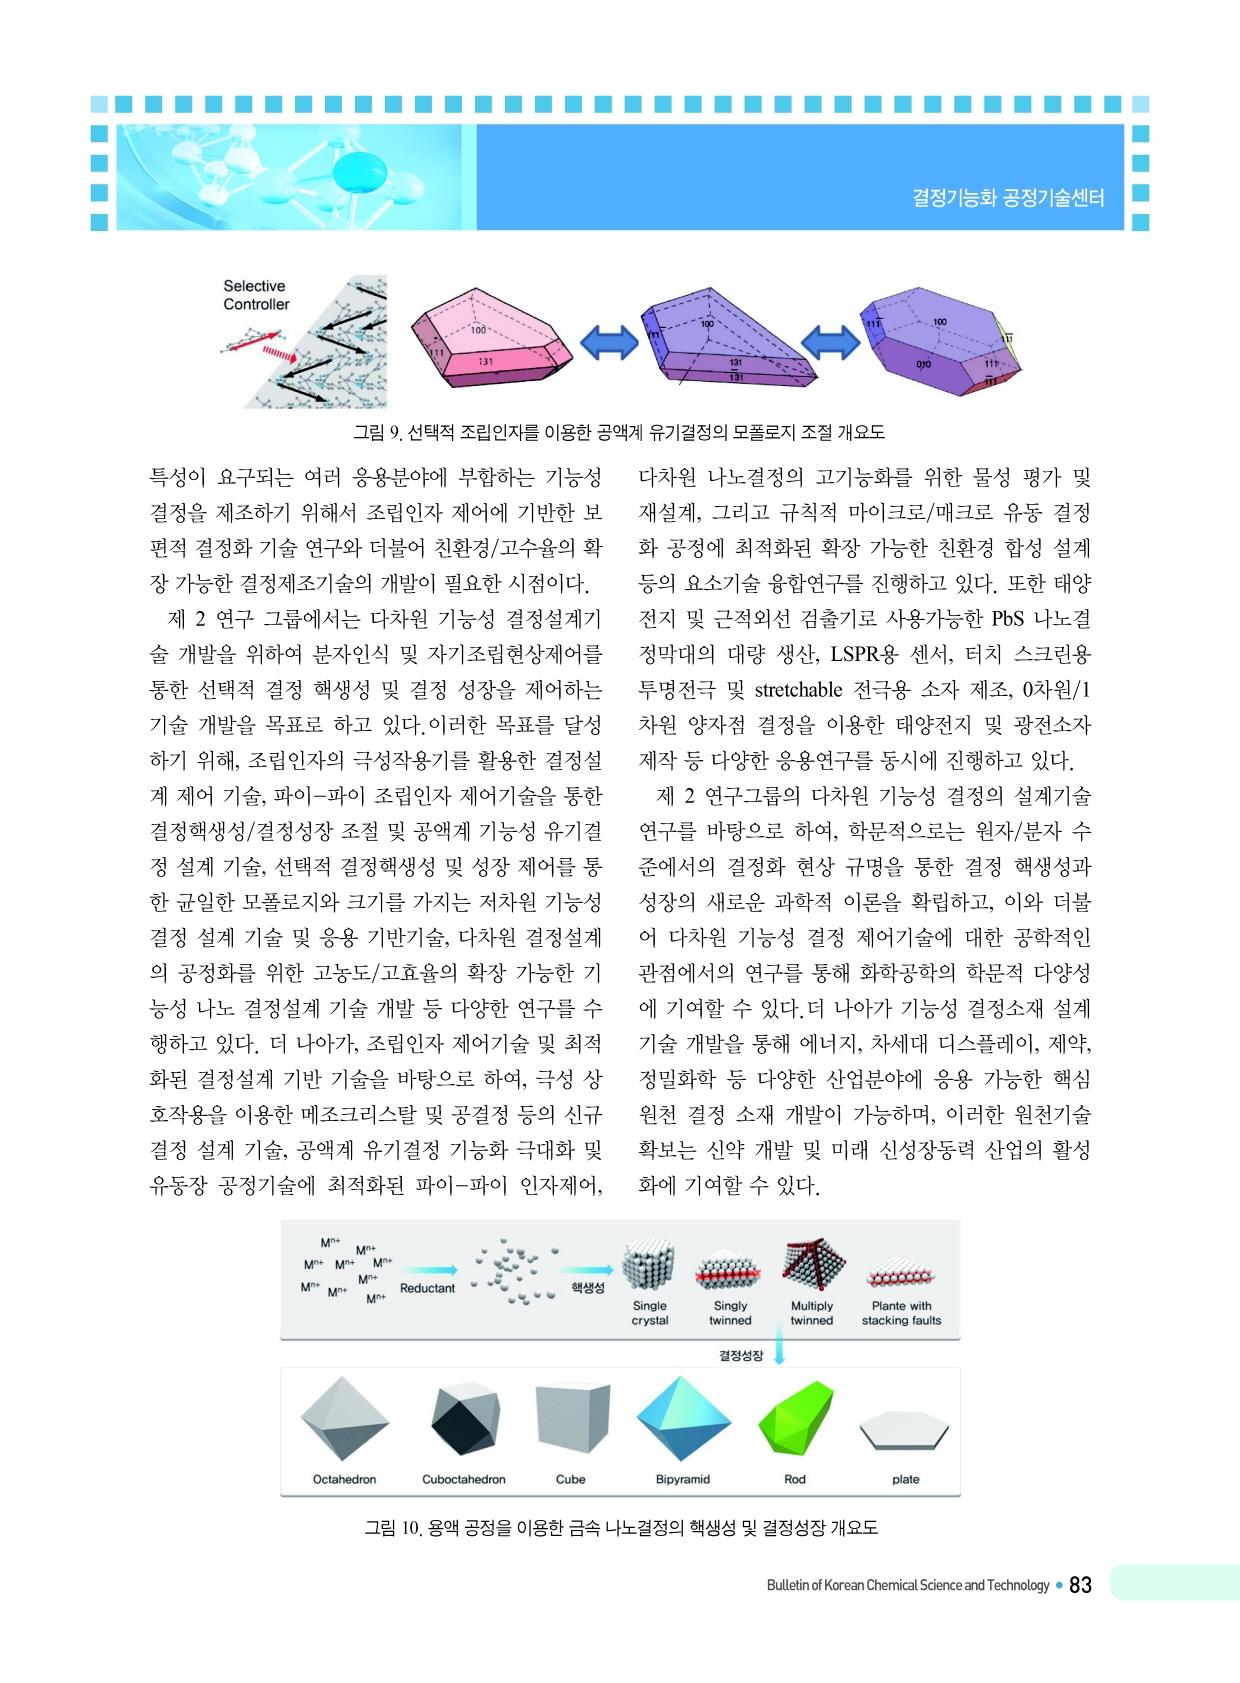 한국화학관련학회연합회_화학연합 8권1호_우수연구단체소개_6.jpg